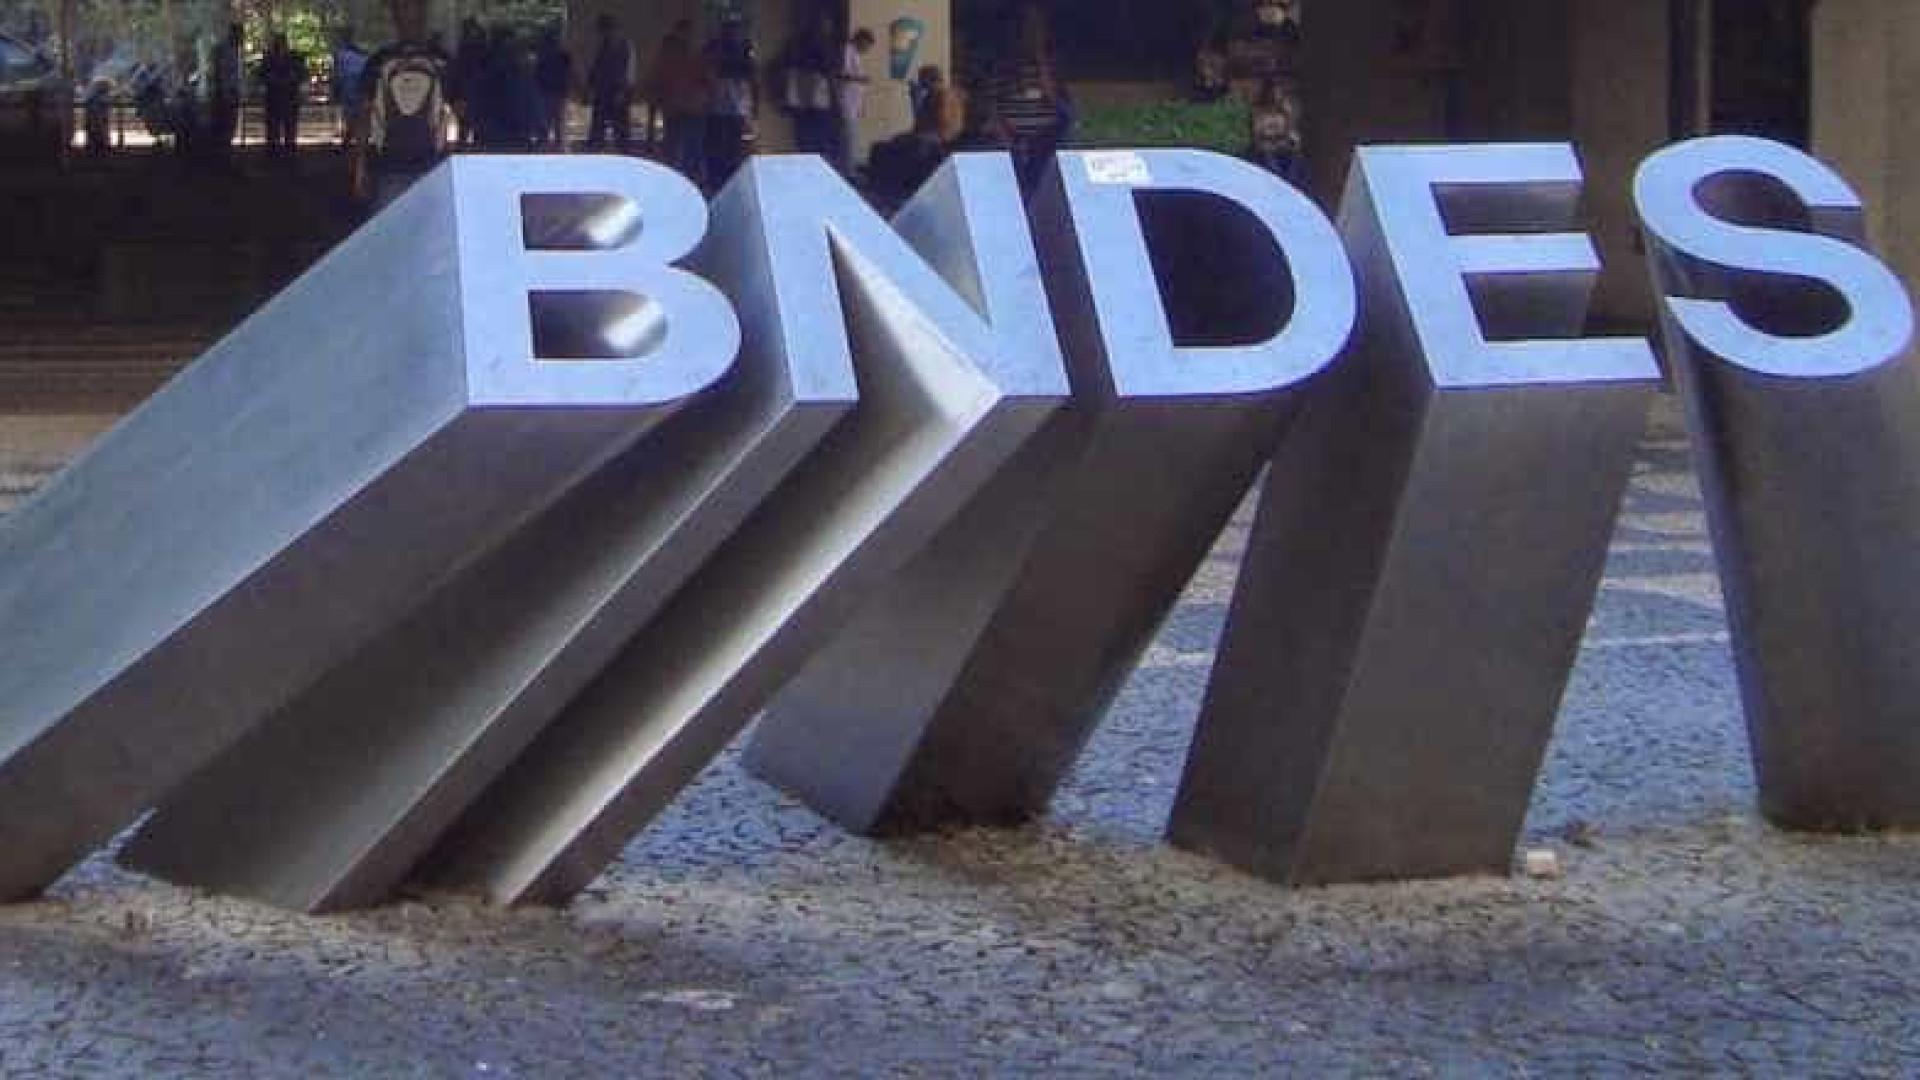 BNDES registra queda de 3% no lucro líquido em 2017